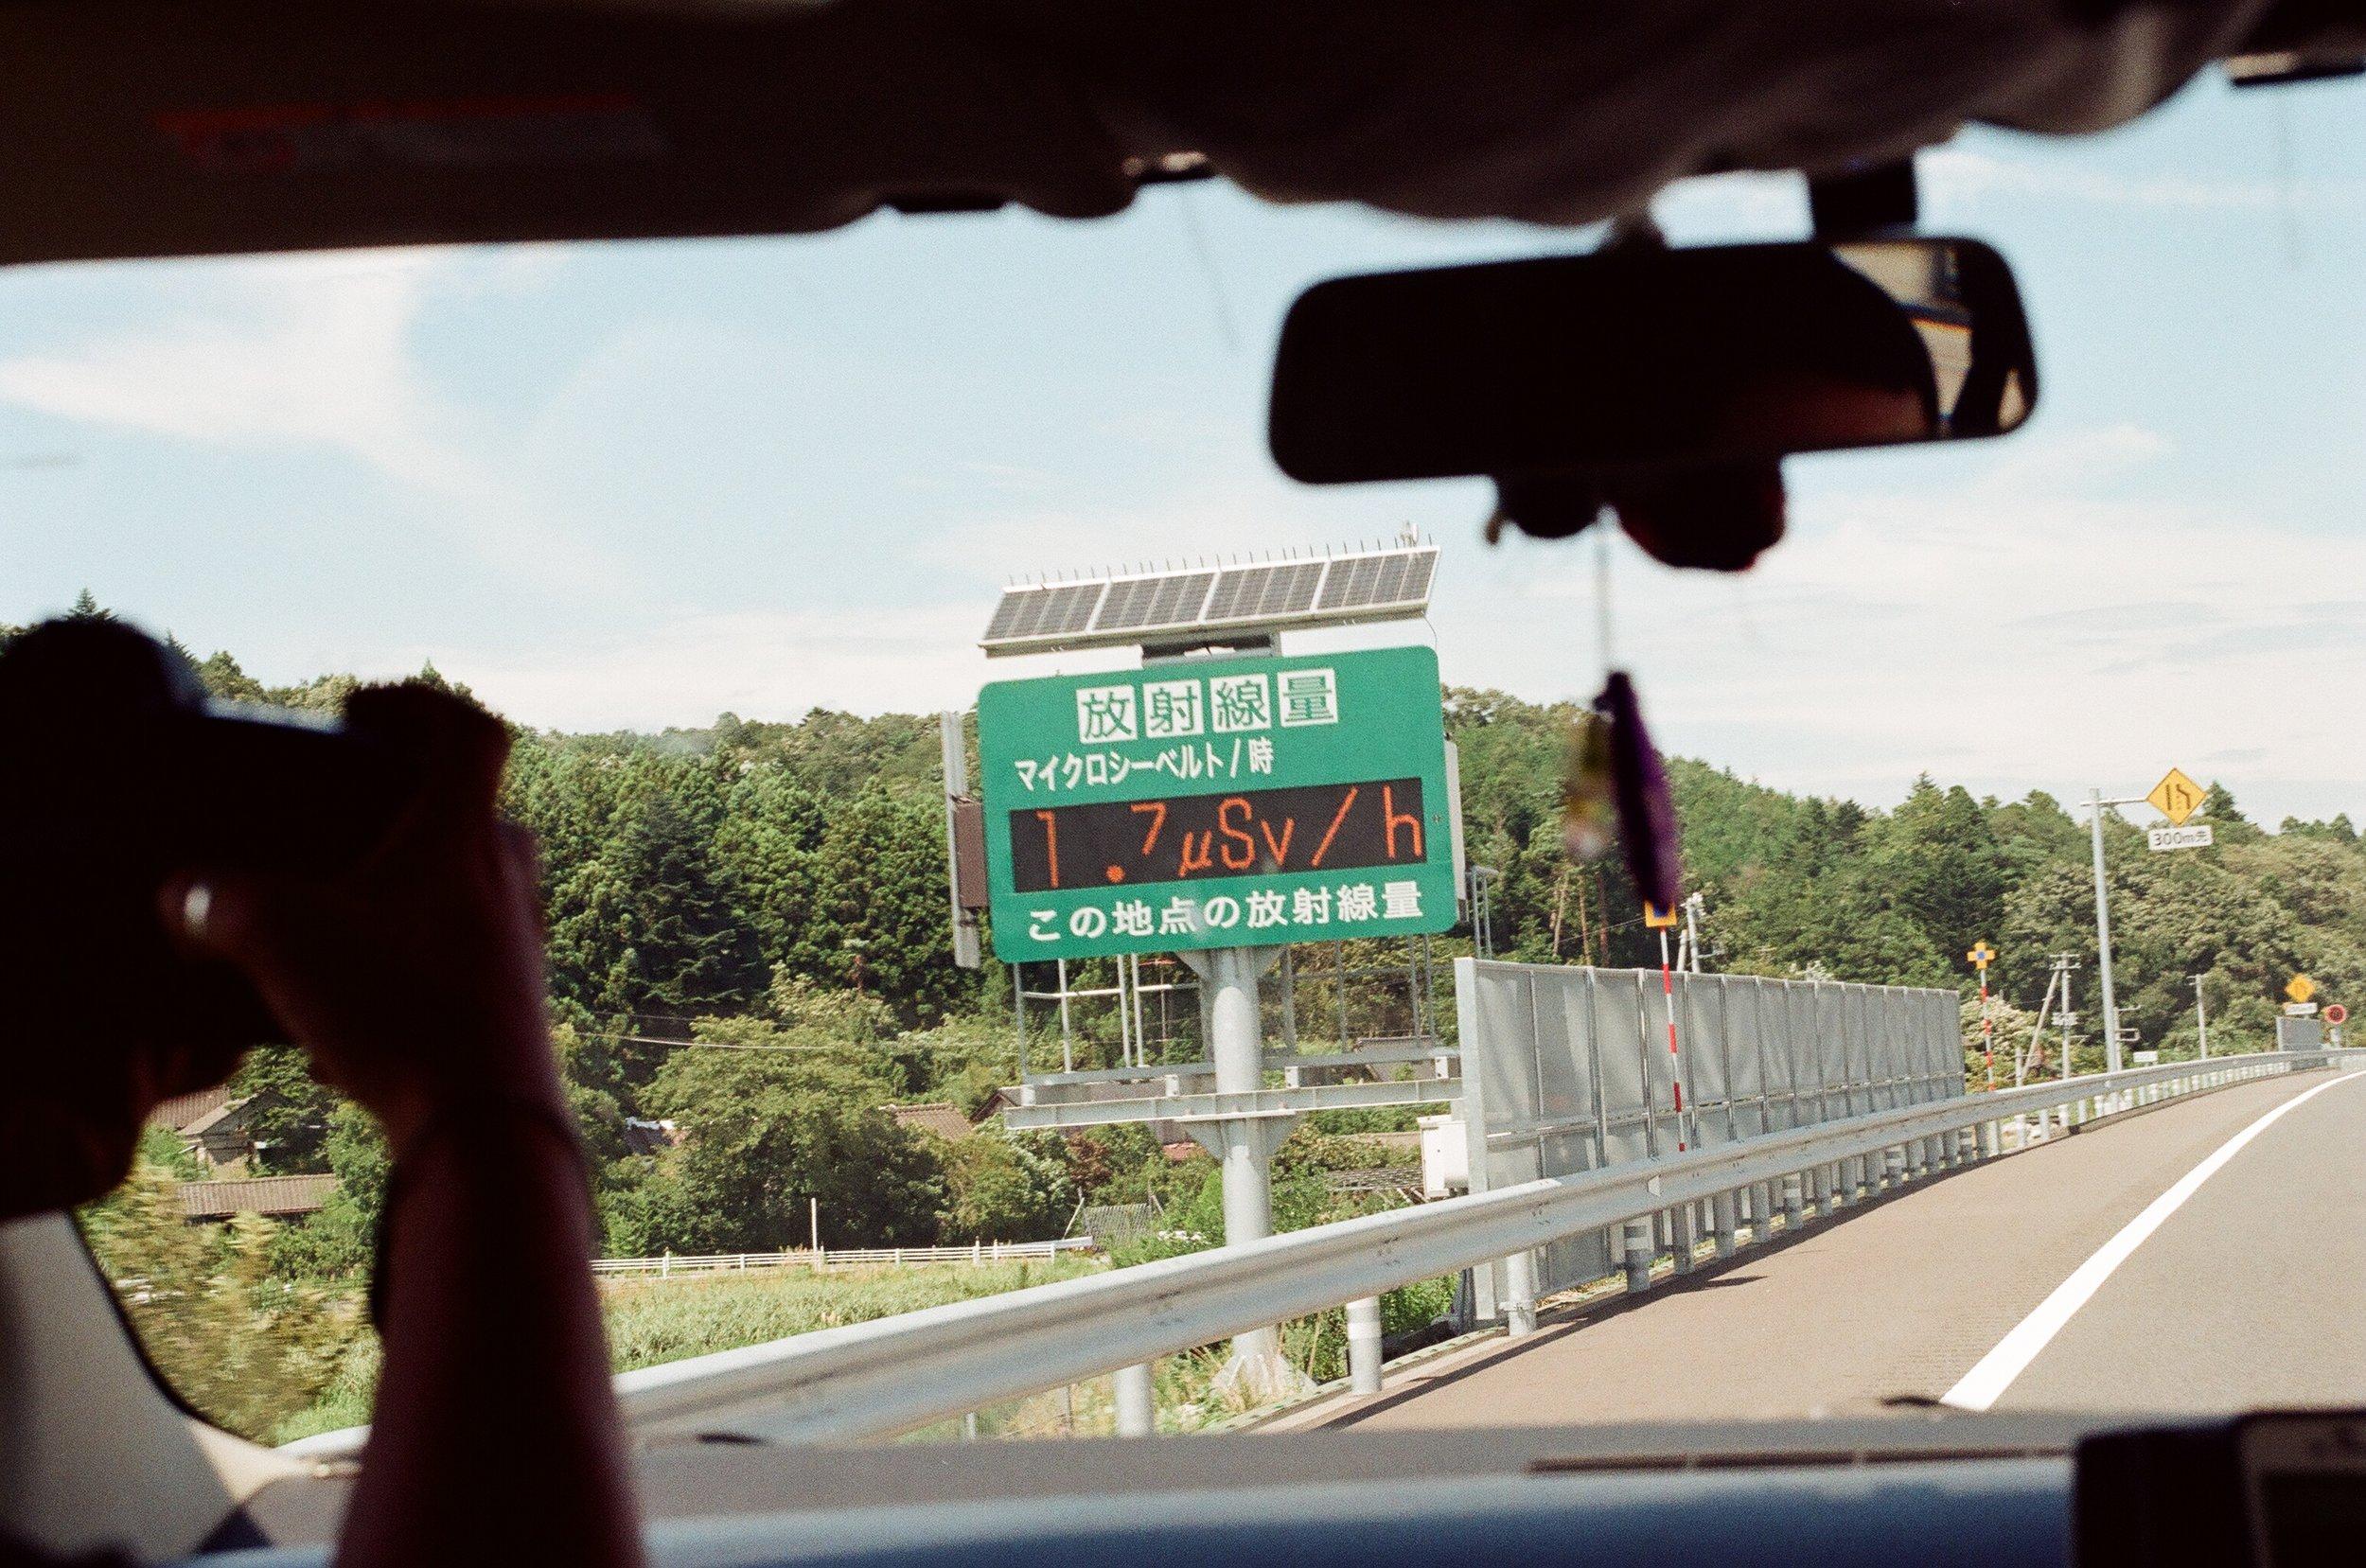 福島を通り過ぎるときに震災の現実を目の当たりにした。